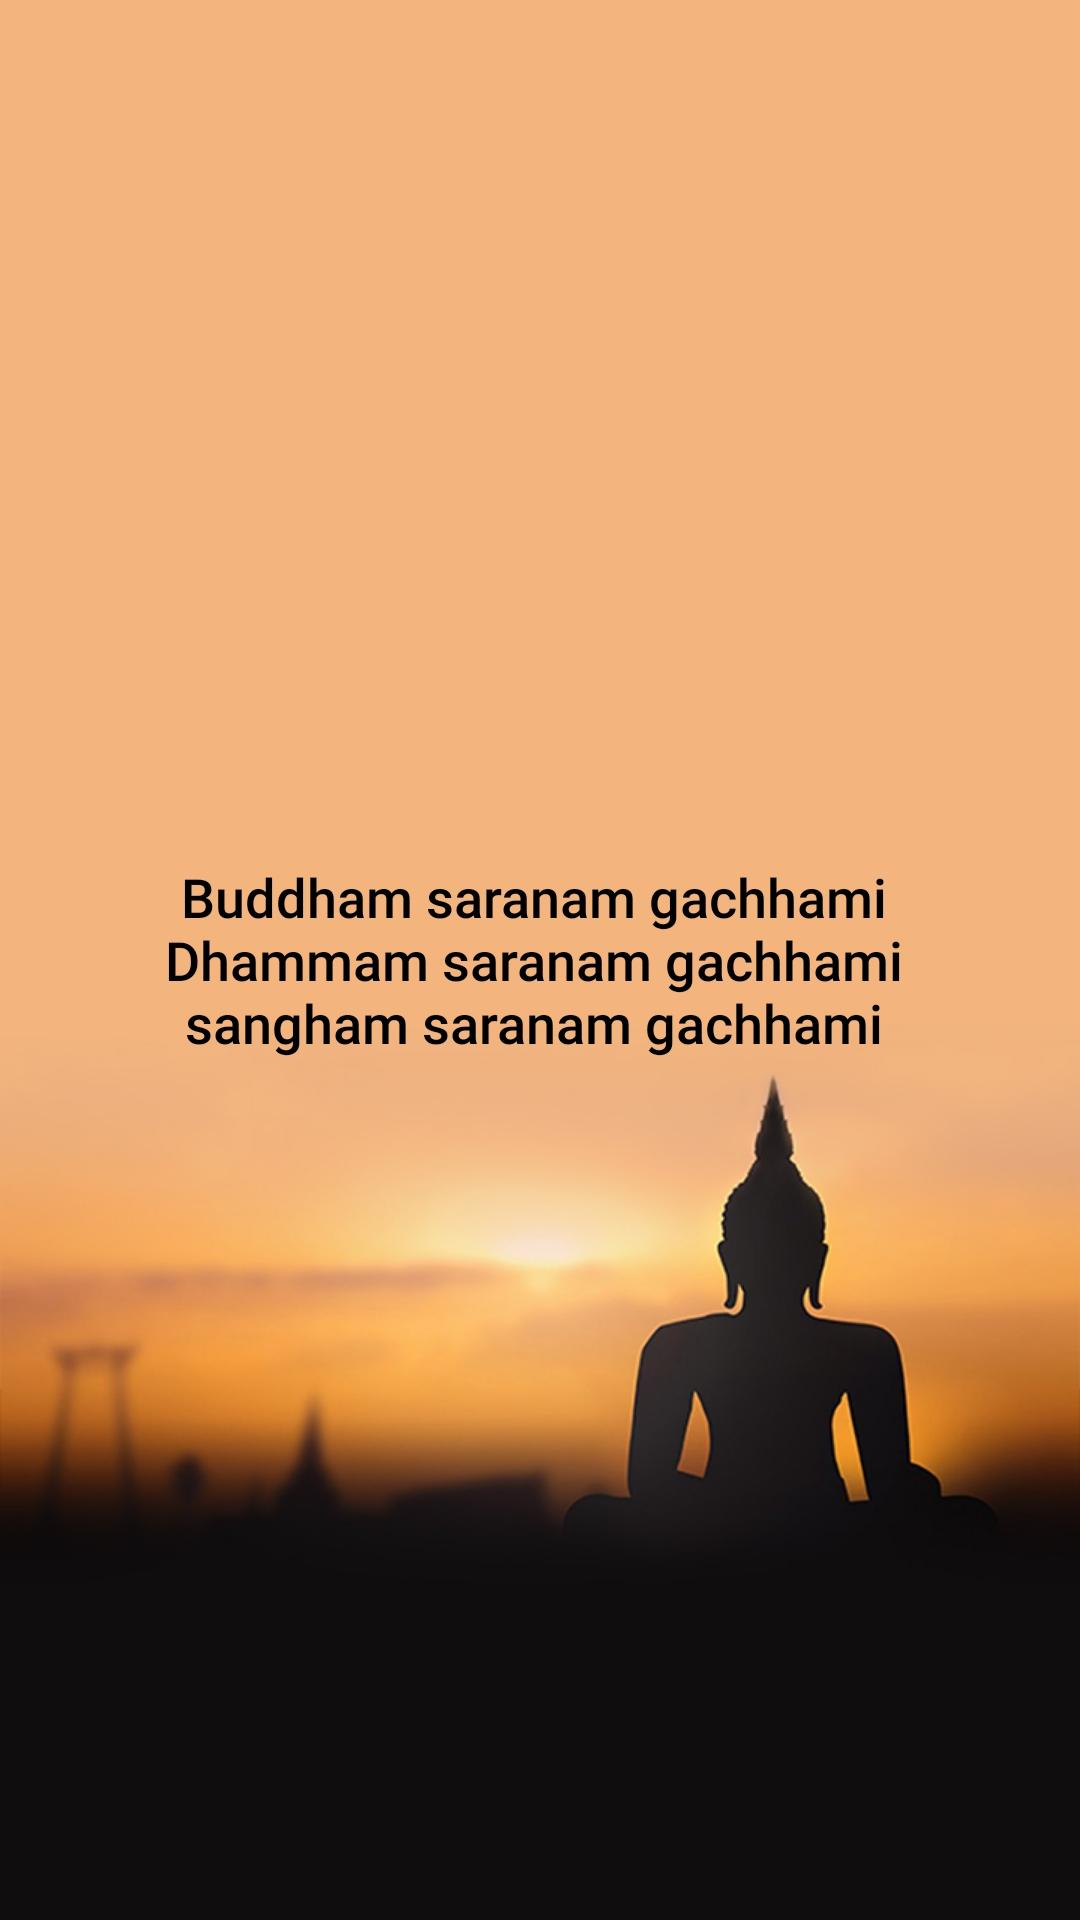 Buddham saranam gachhami  Dhammam saranam gachhami  sangham saranam gachhami